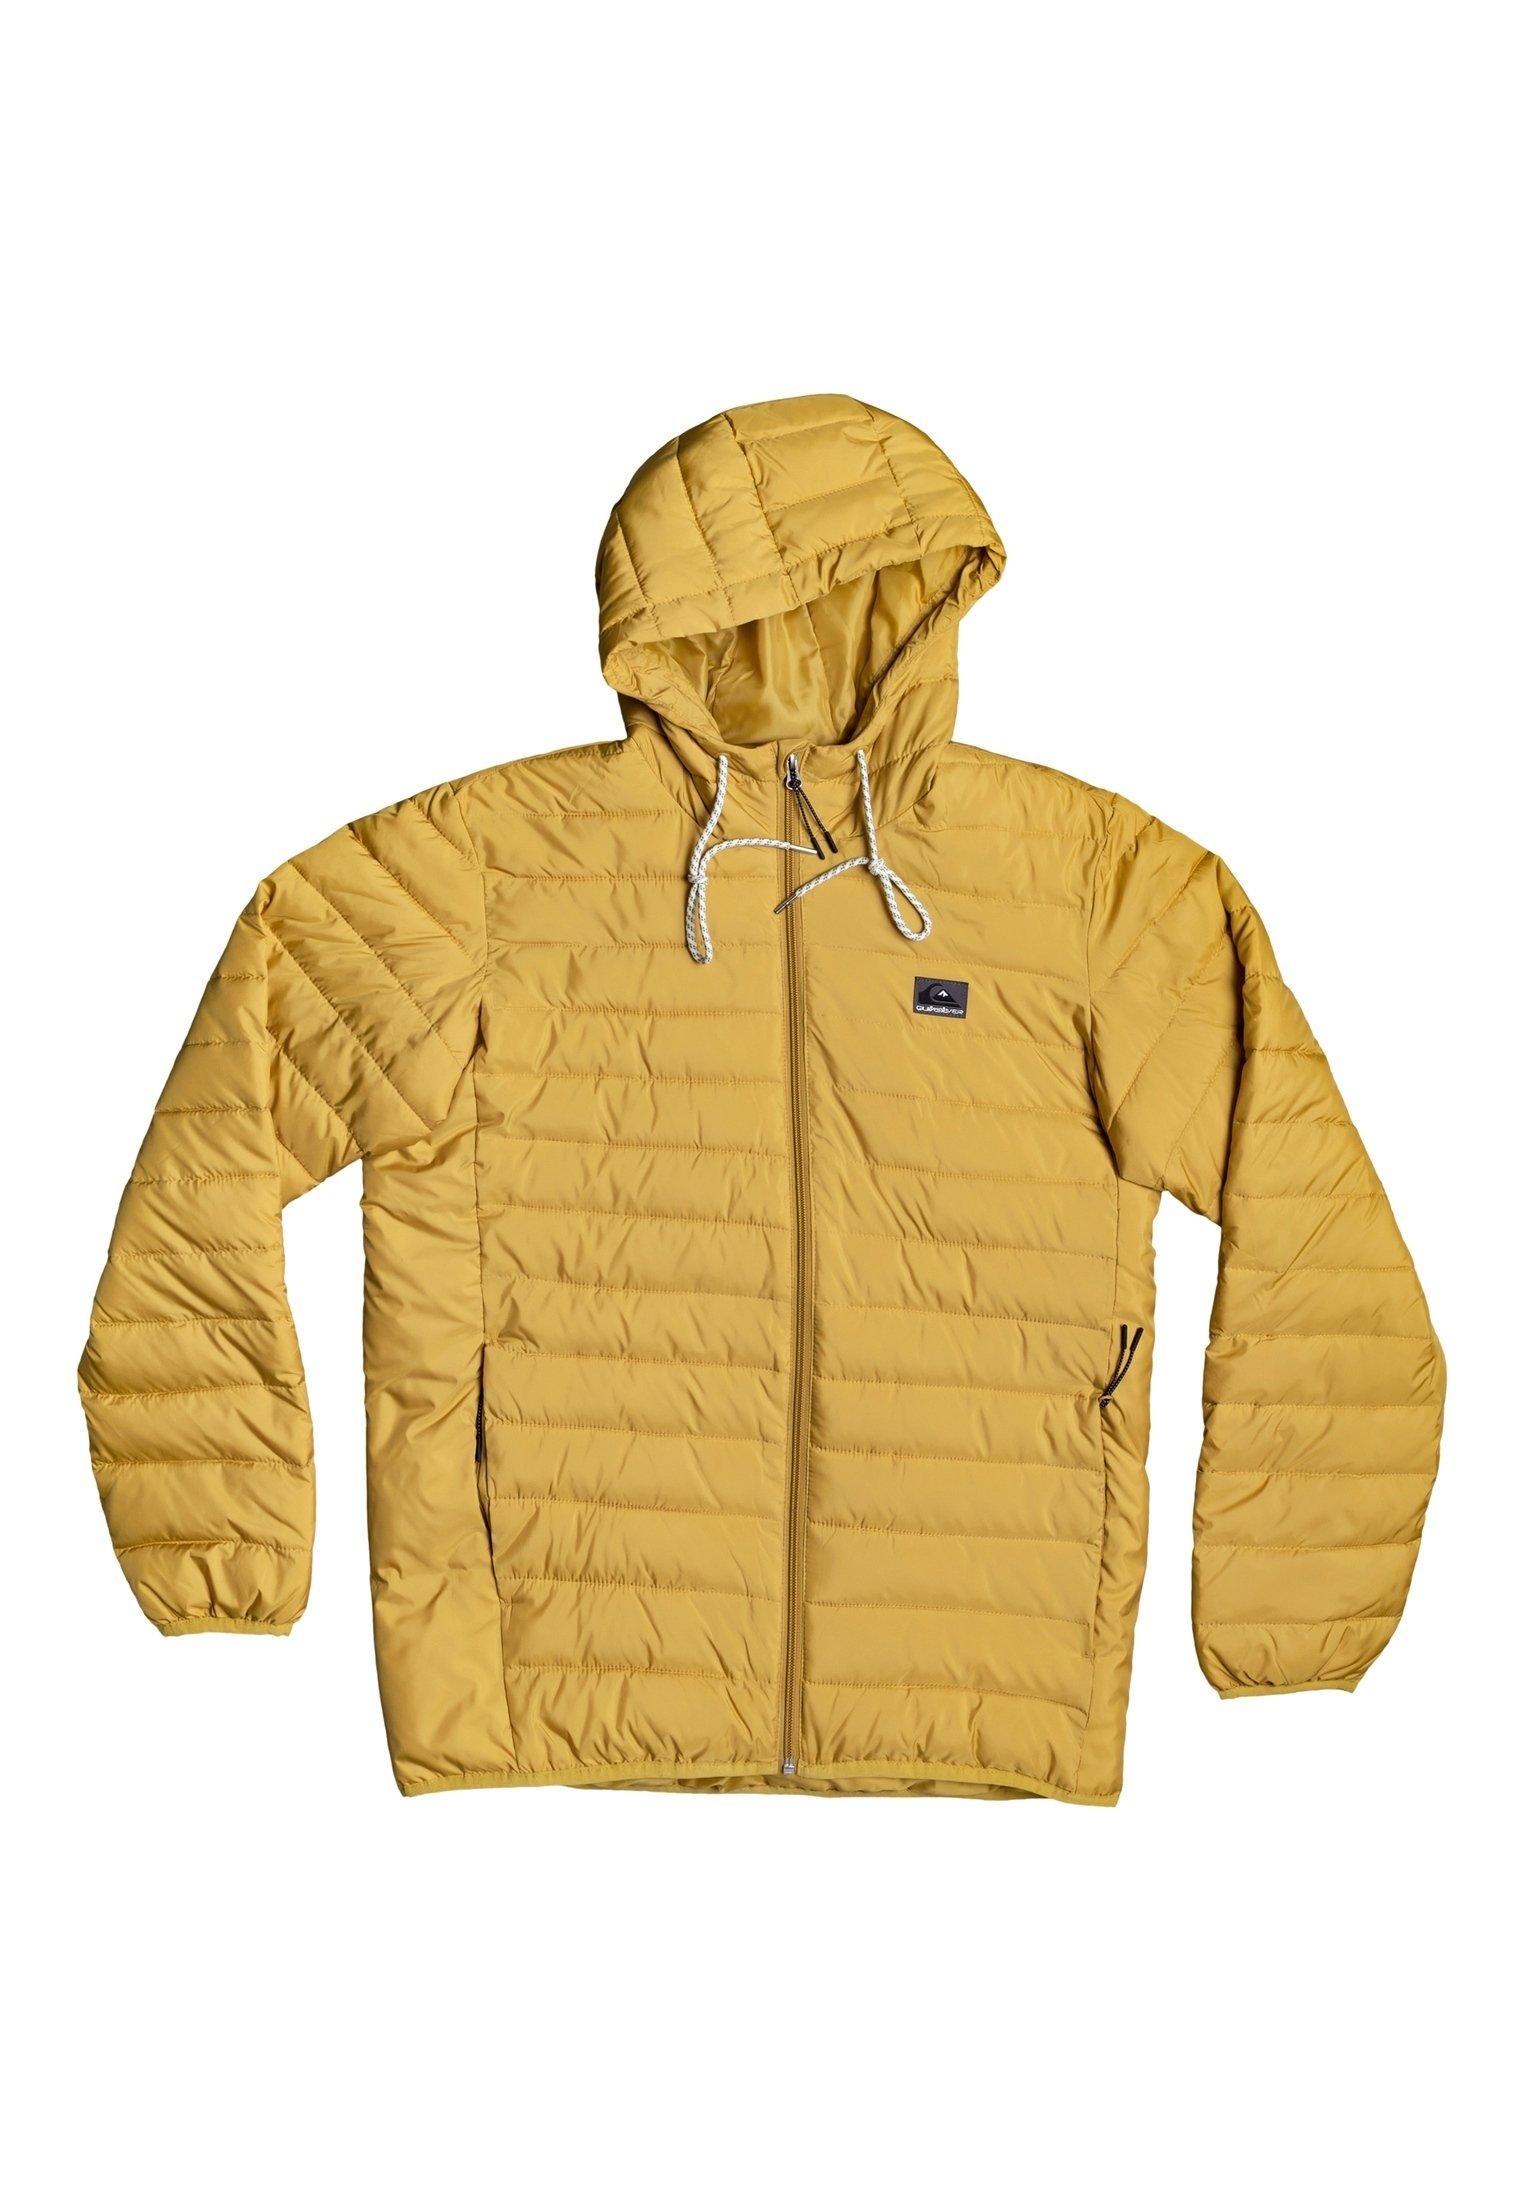 Quiksilver Jacken für Herren versandkostenfrei online   ZALANDO